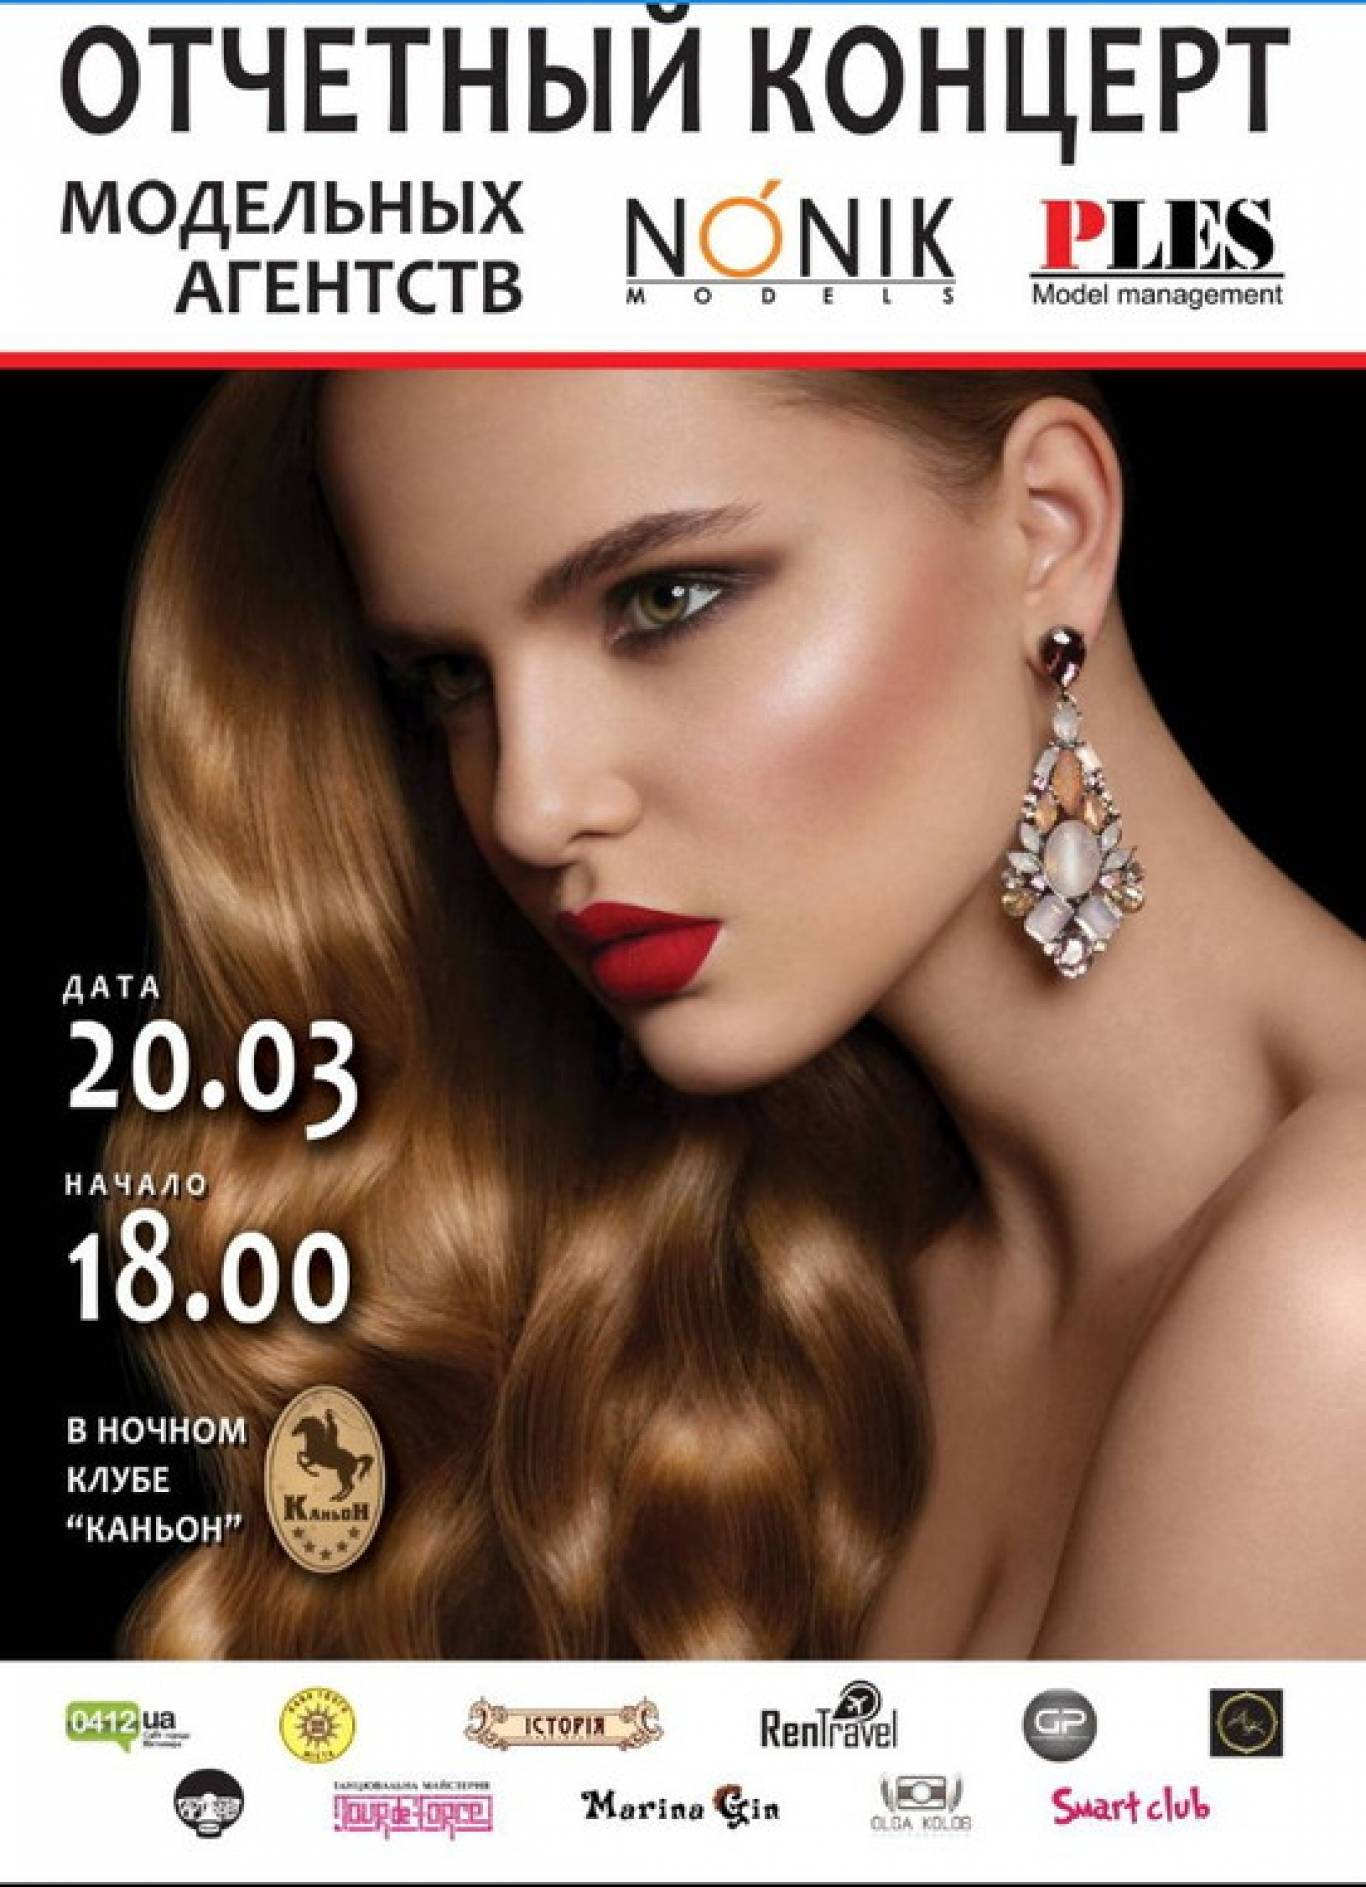 Звітний концерт Модельних агенств